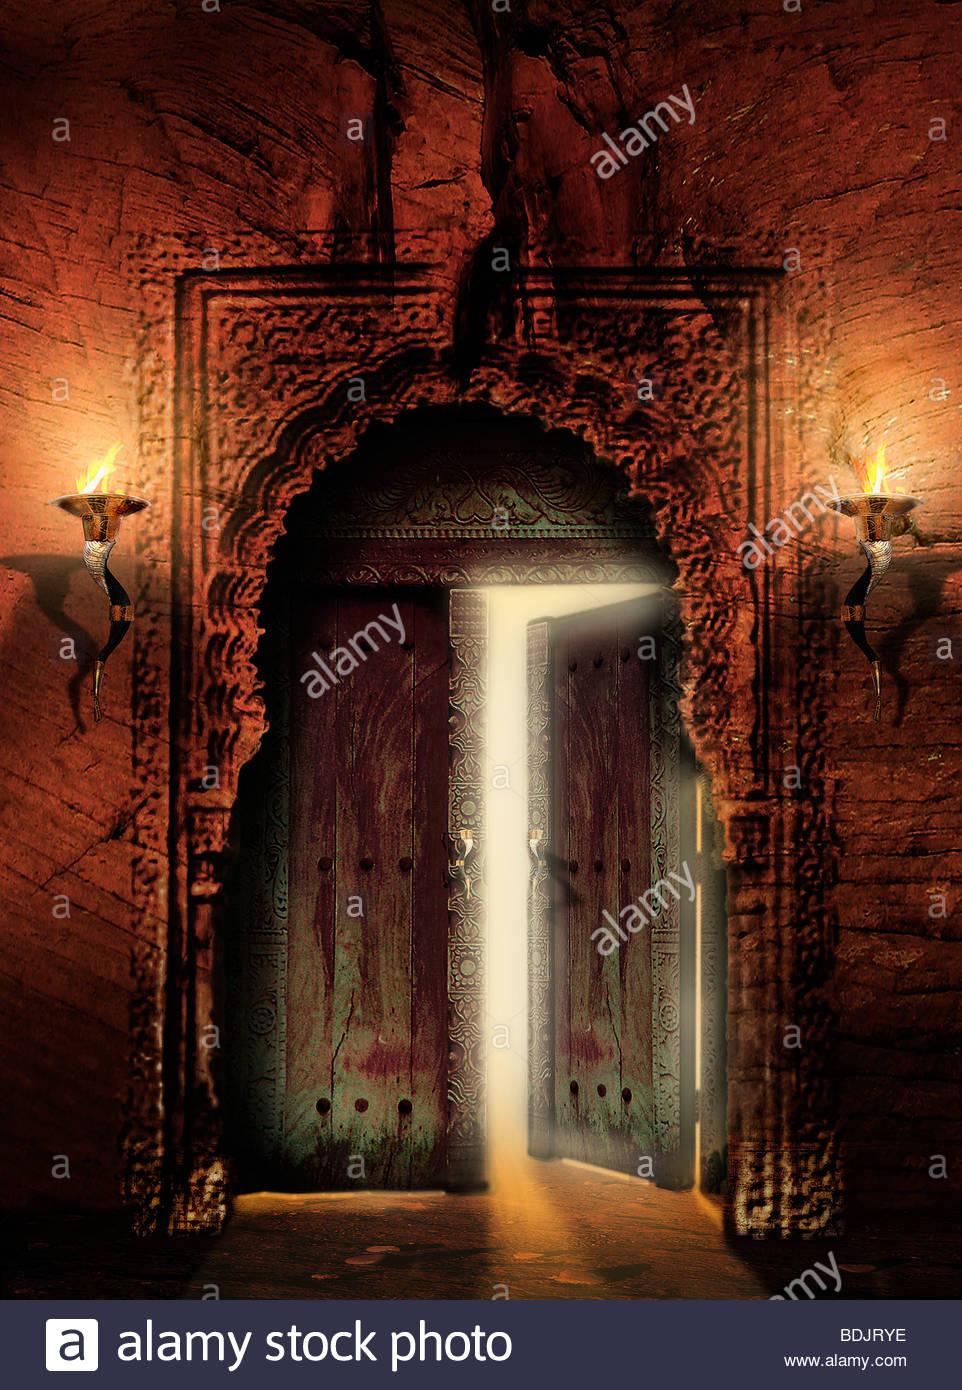 Verziert, alte Tür mit teilweise offener Tür Stockfoto